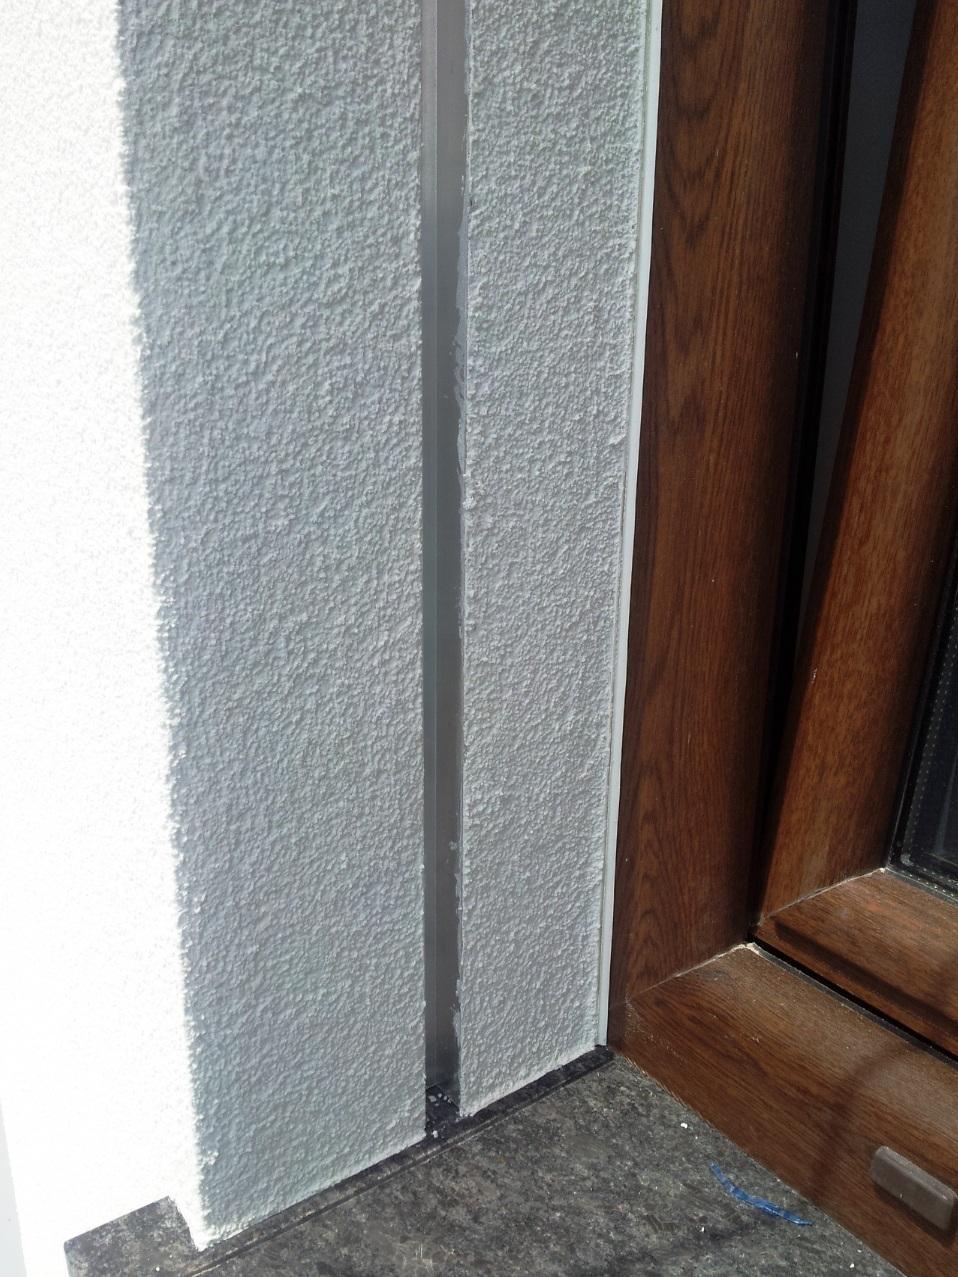 APU lišta 6 mm s manžetou a mriežkou  - Obrázok č. 1